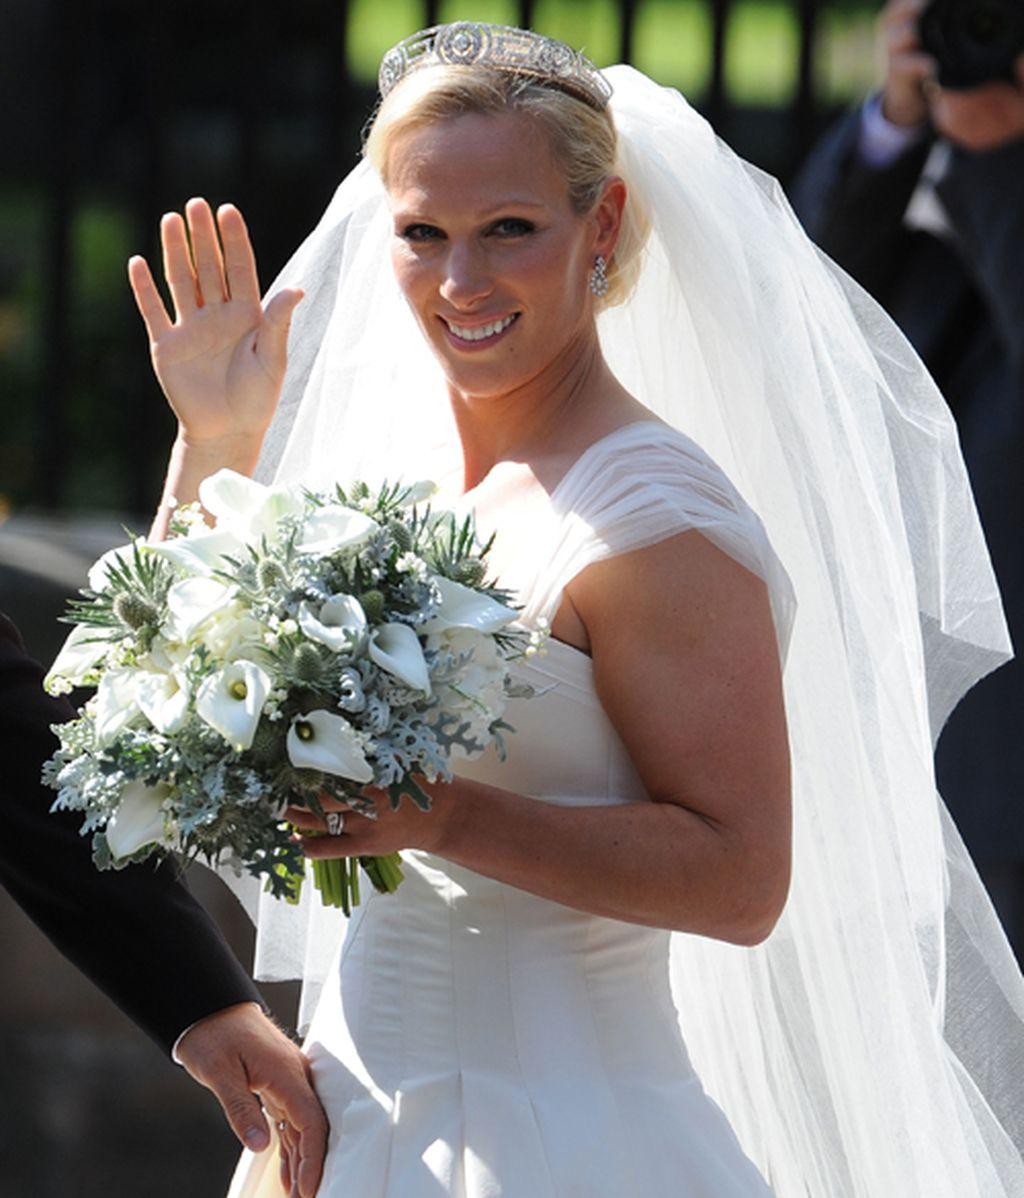 Estilismos desacertados en la boda de Zara Phillips